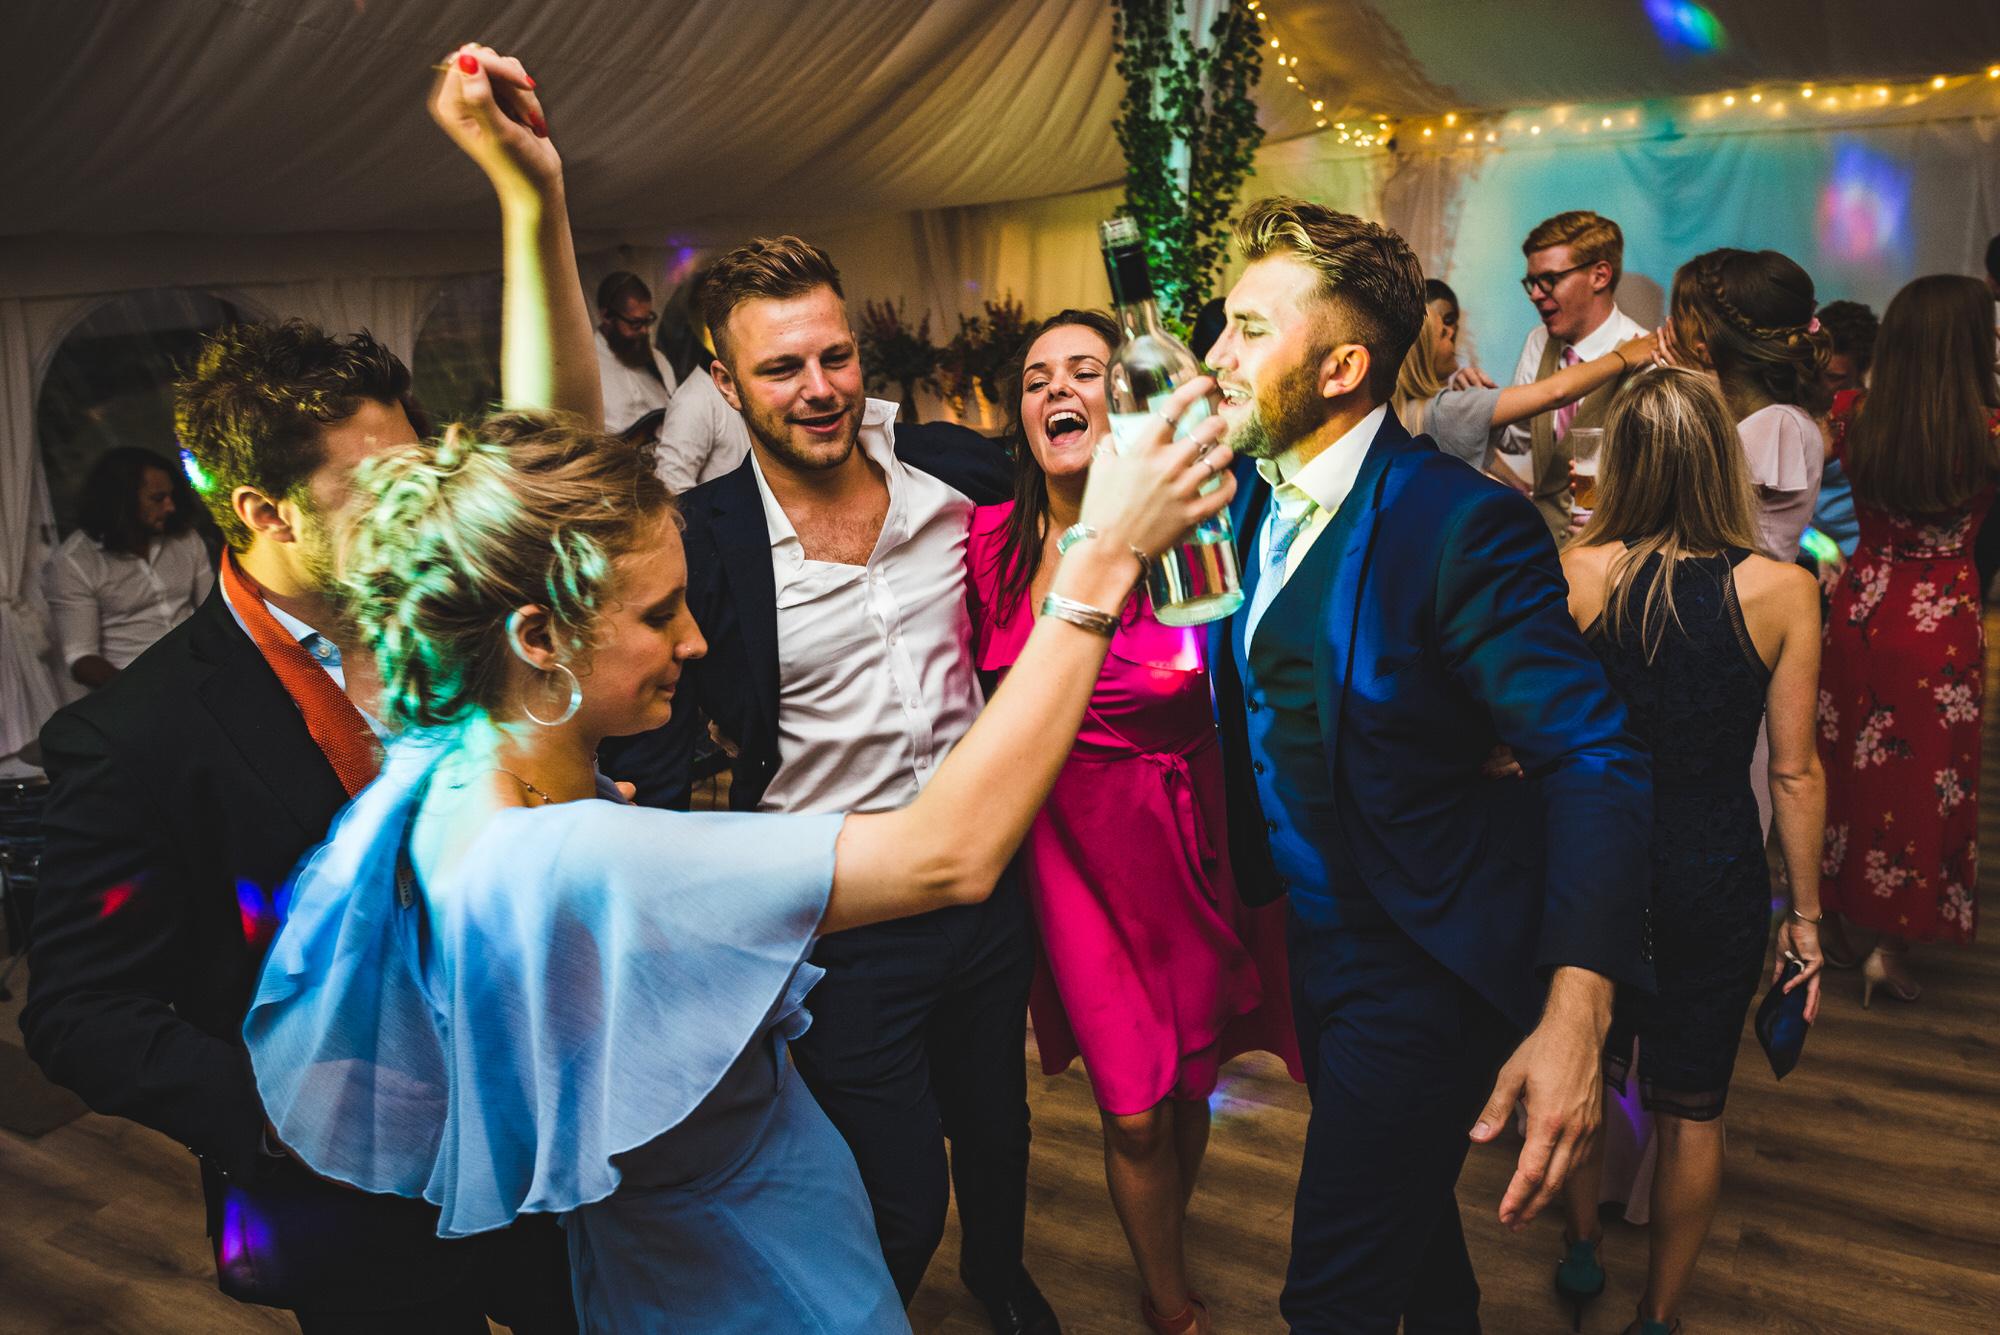 celebrating at Shilstone House wedding